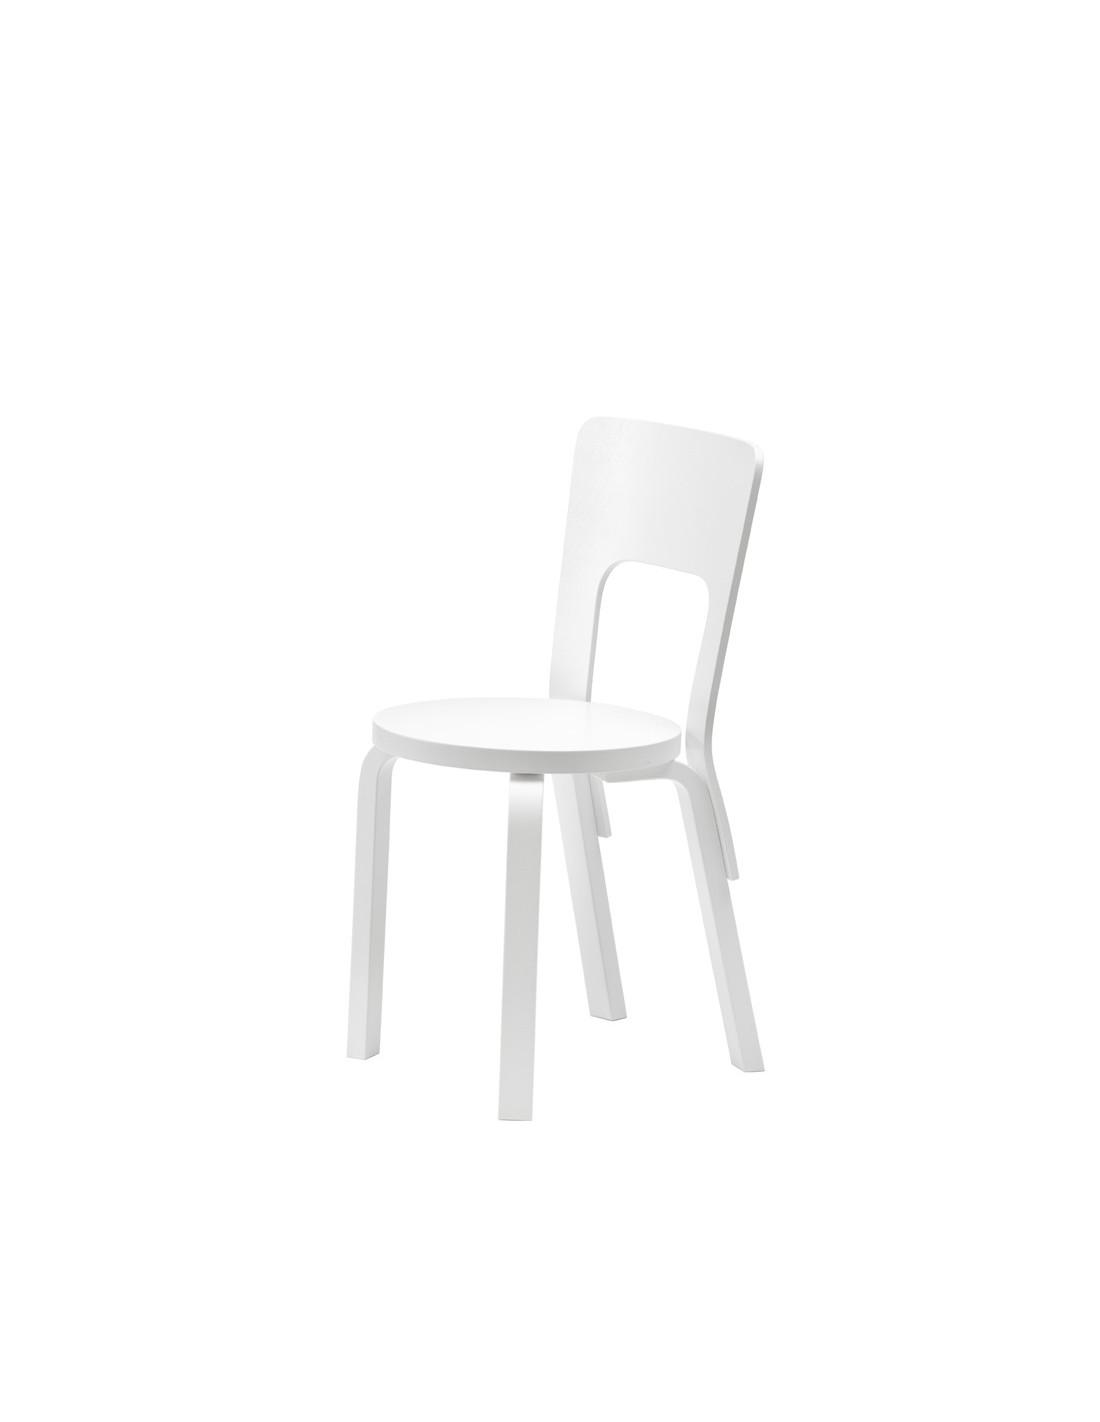 Chaise 66 design alvar aalto pour artek la boutique danoise - Chaise danoise design ...